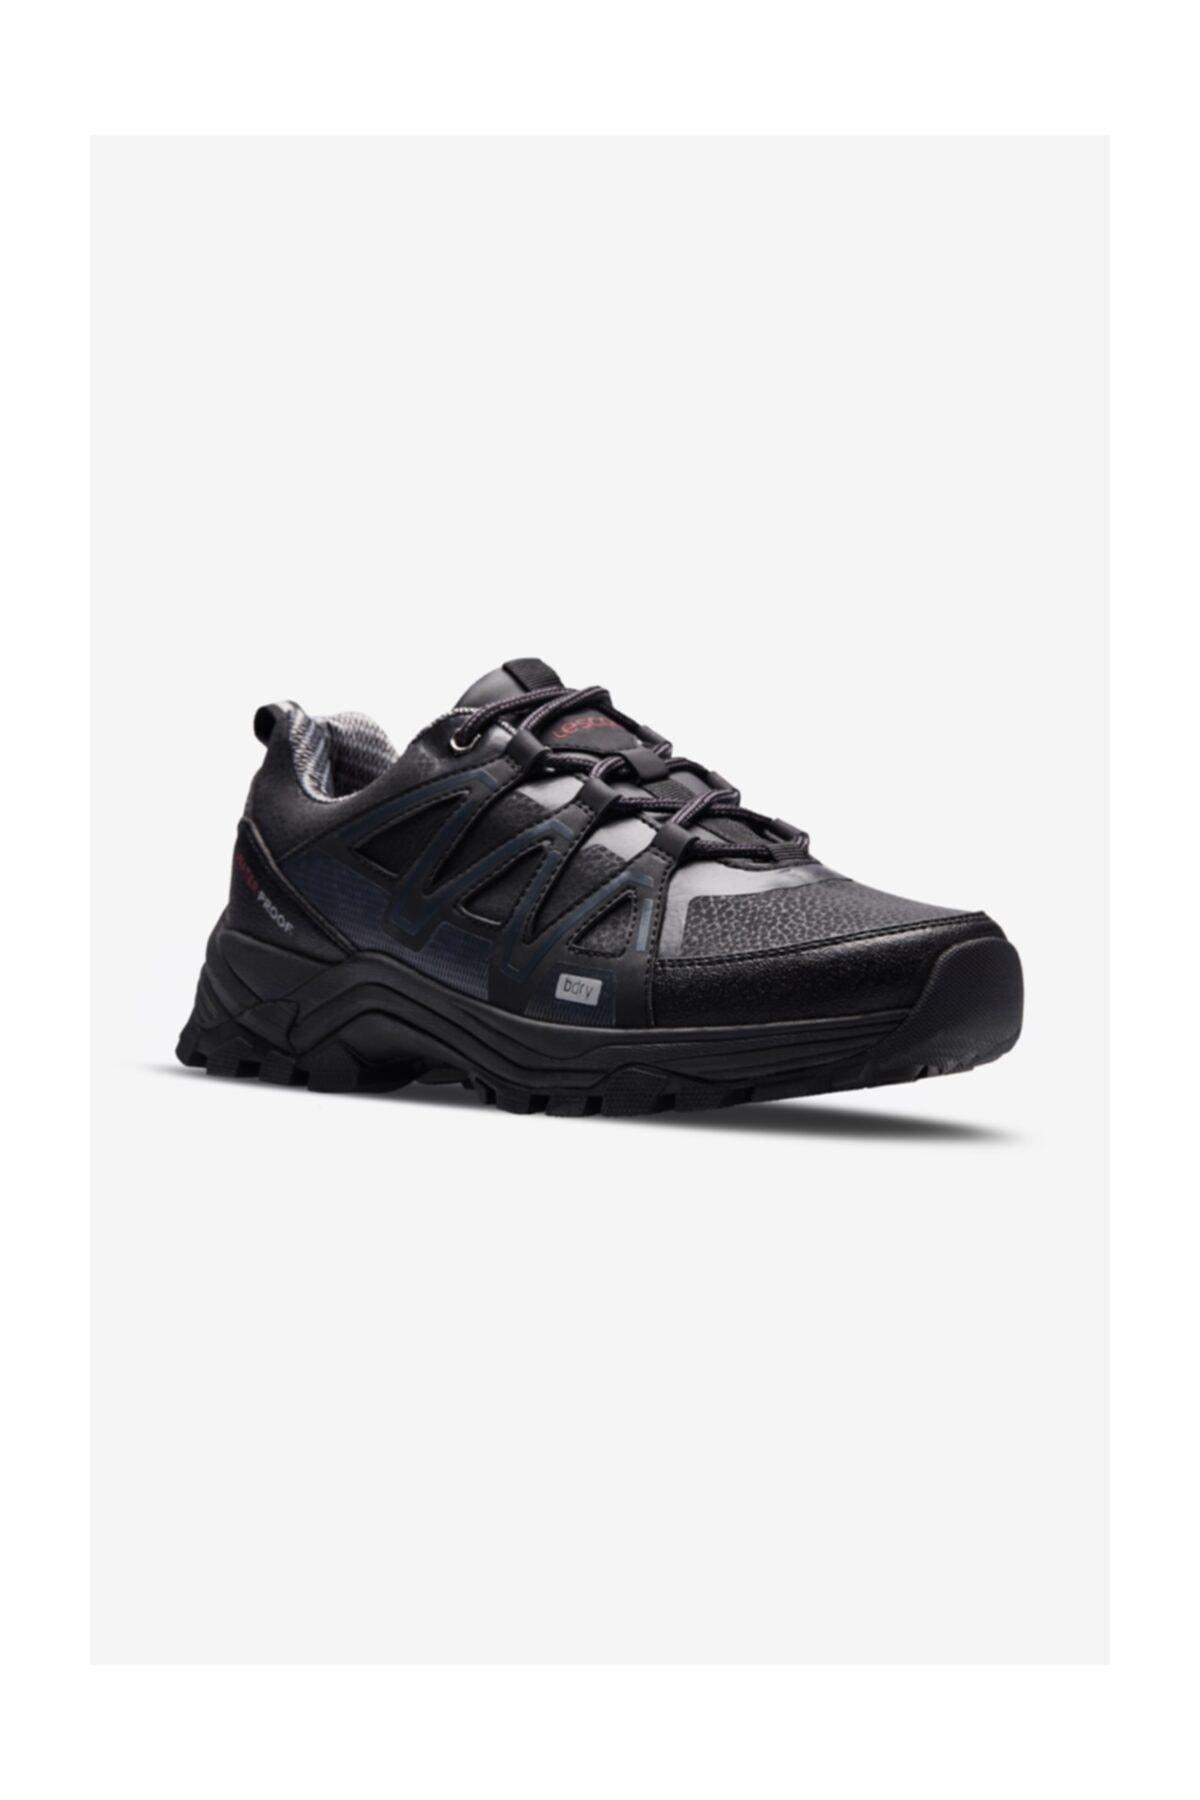 Lescon Kadın Outdoor Ayakkabı - Ranger - 19kau00rngau-633 1